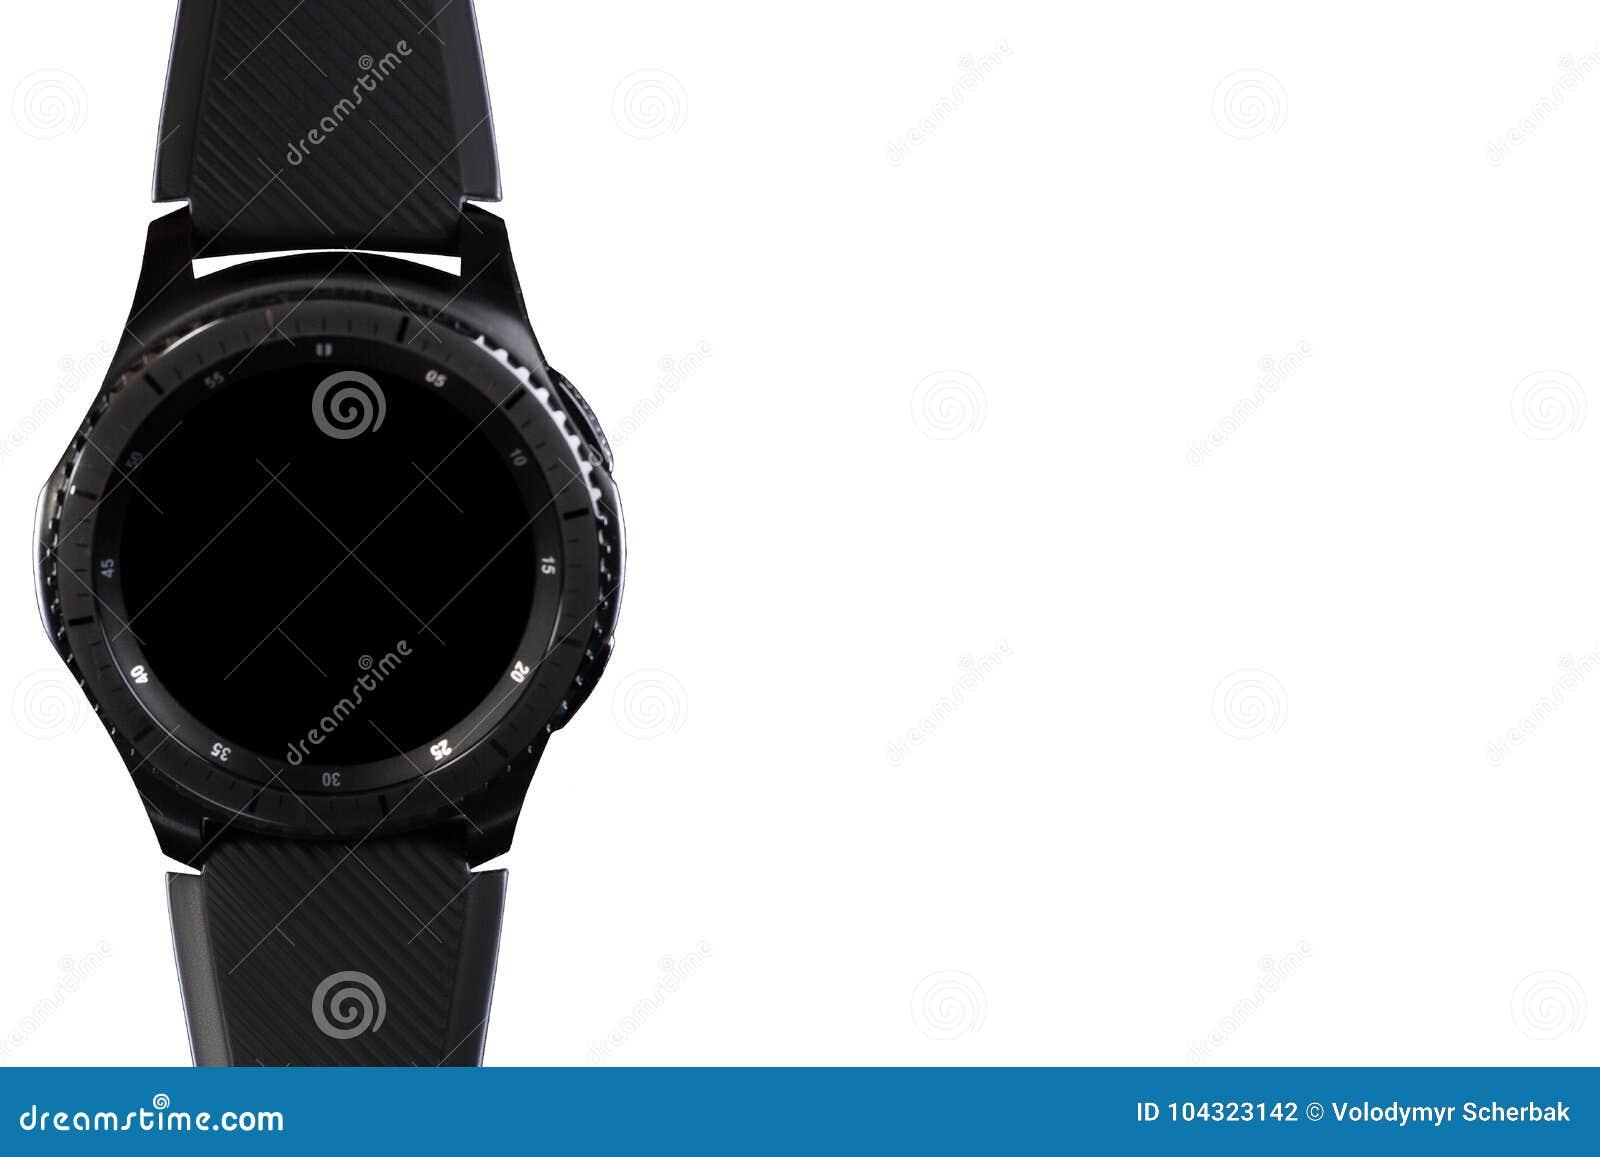 Έξυπνο ρολόι με έναν κενό πίνακα σε ένα άσπρο υπόβαθρο